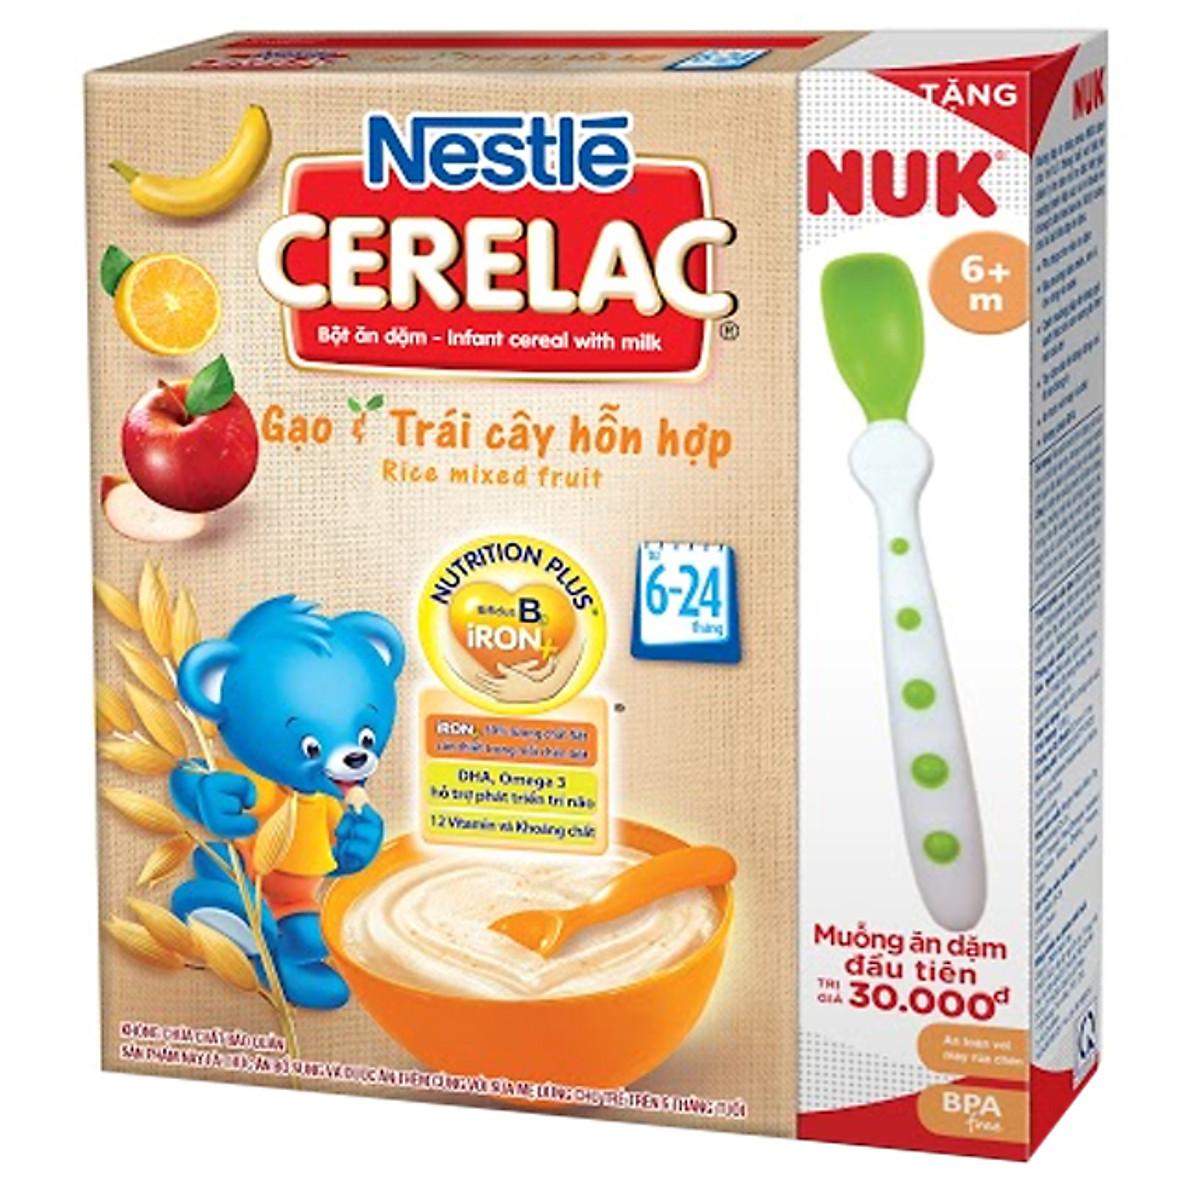 Bột Ăn Dặm Nestle Cerelac - Gạo Và Trái Cây (200g) Tặng Kèm Muỗng Ăn Dặm Nuk